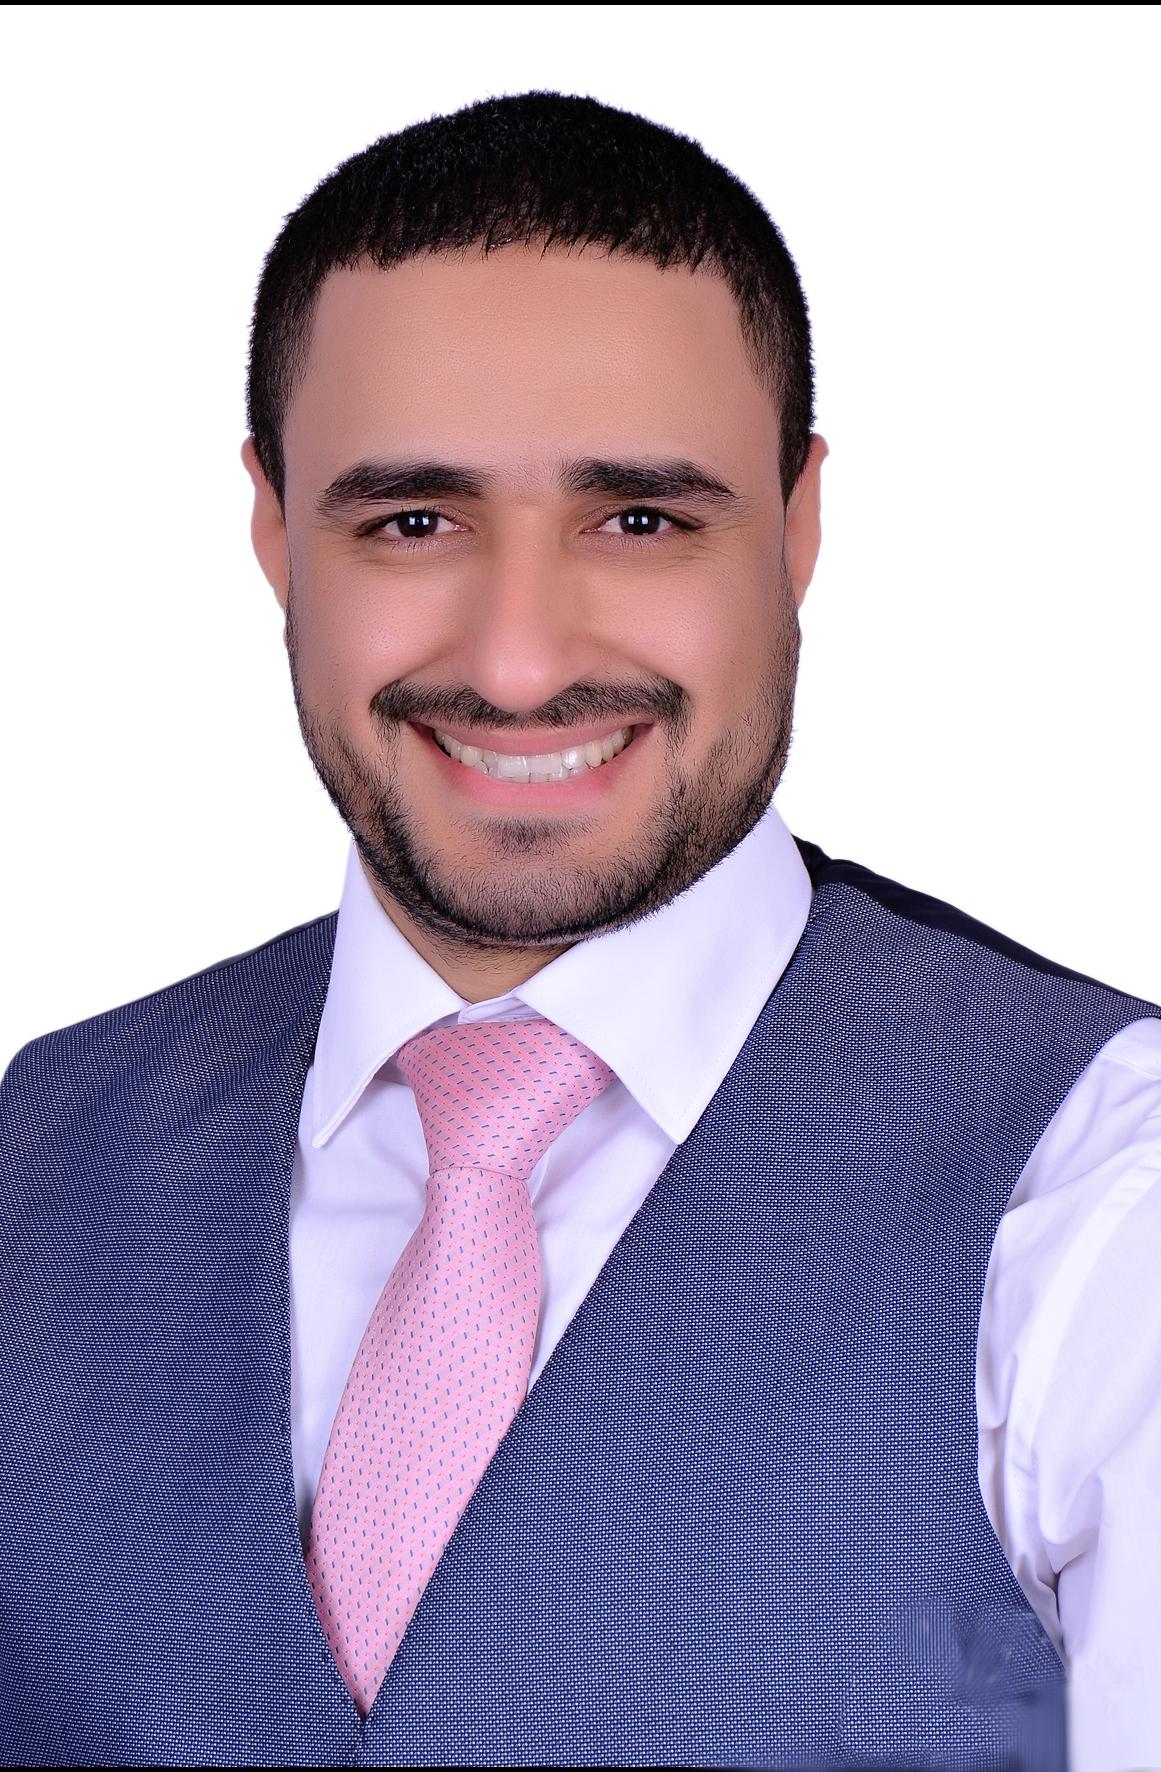 Mohamed Sharkawy, MBA